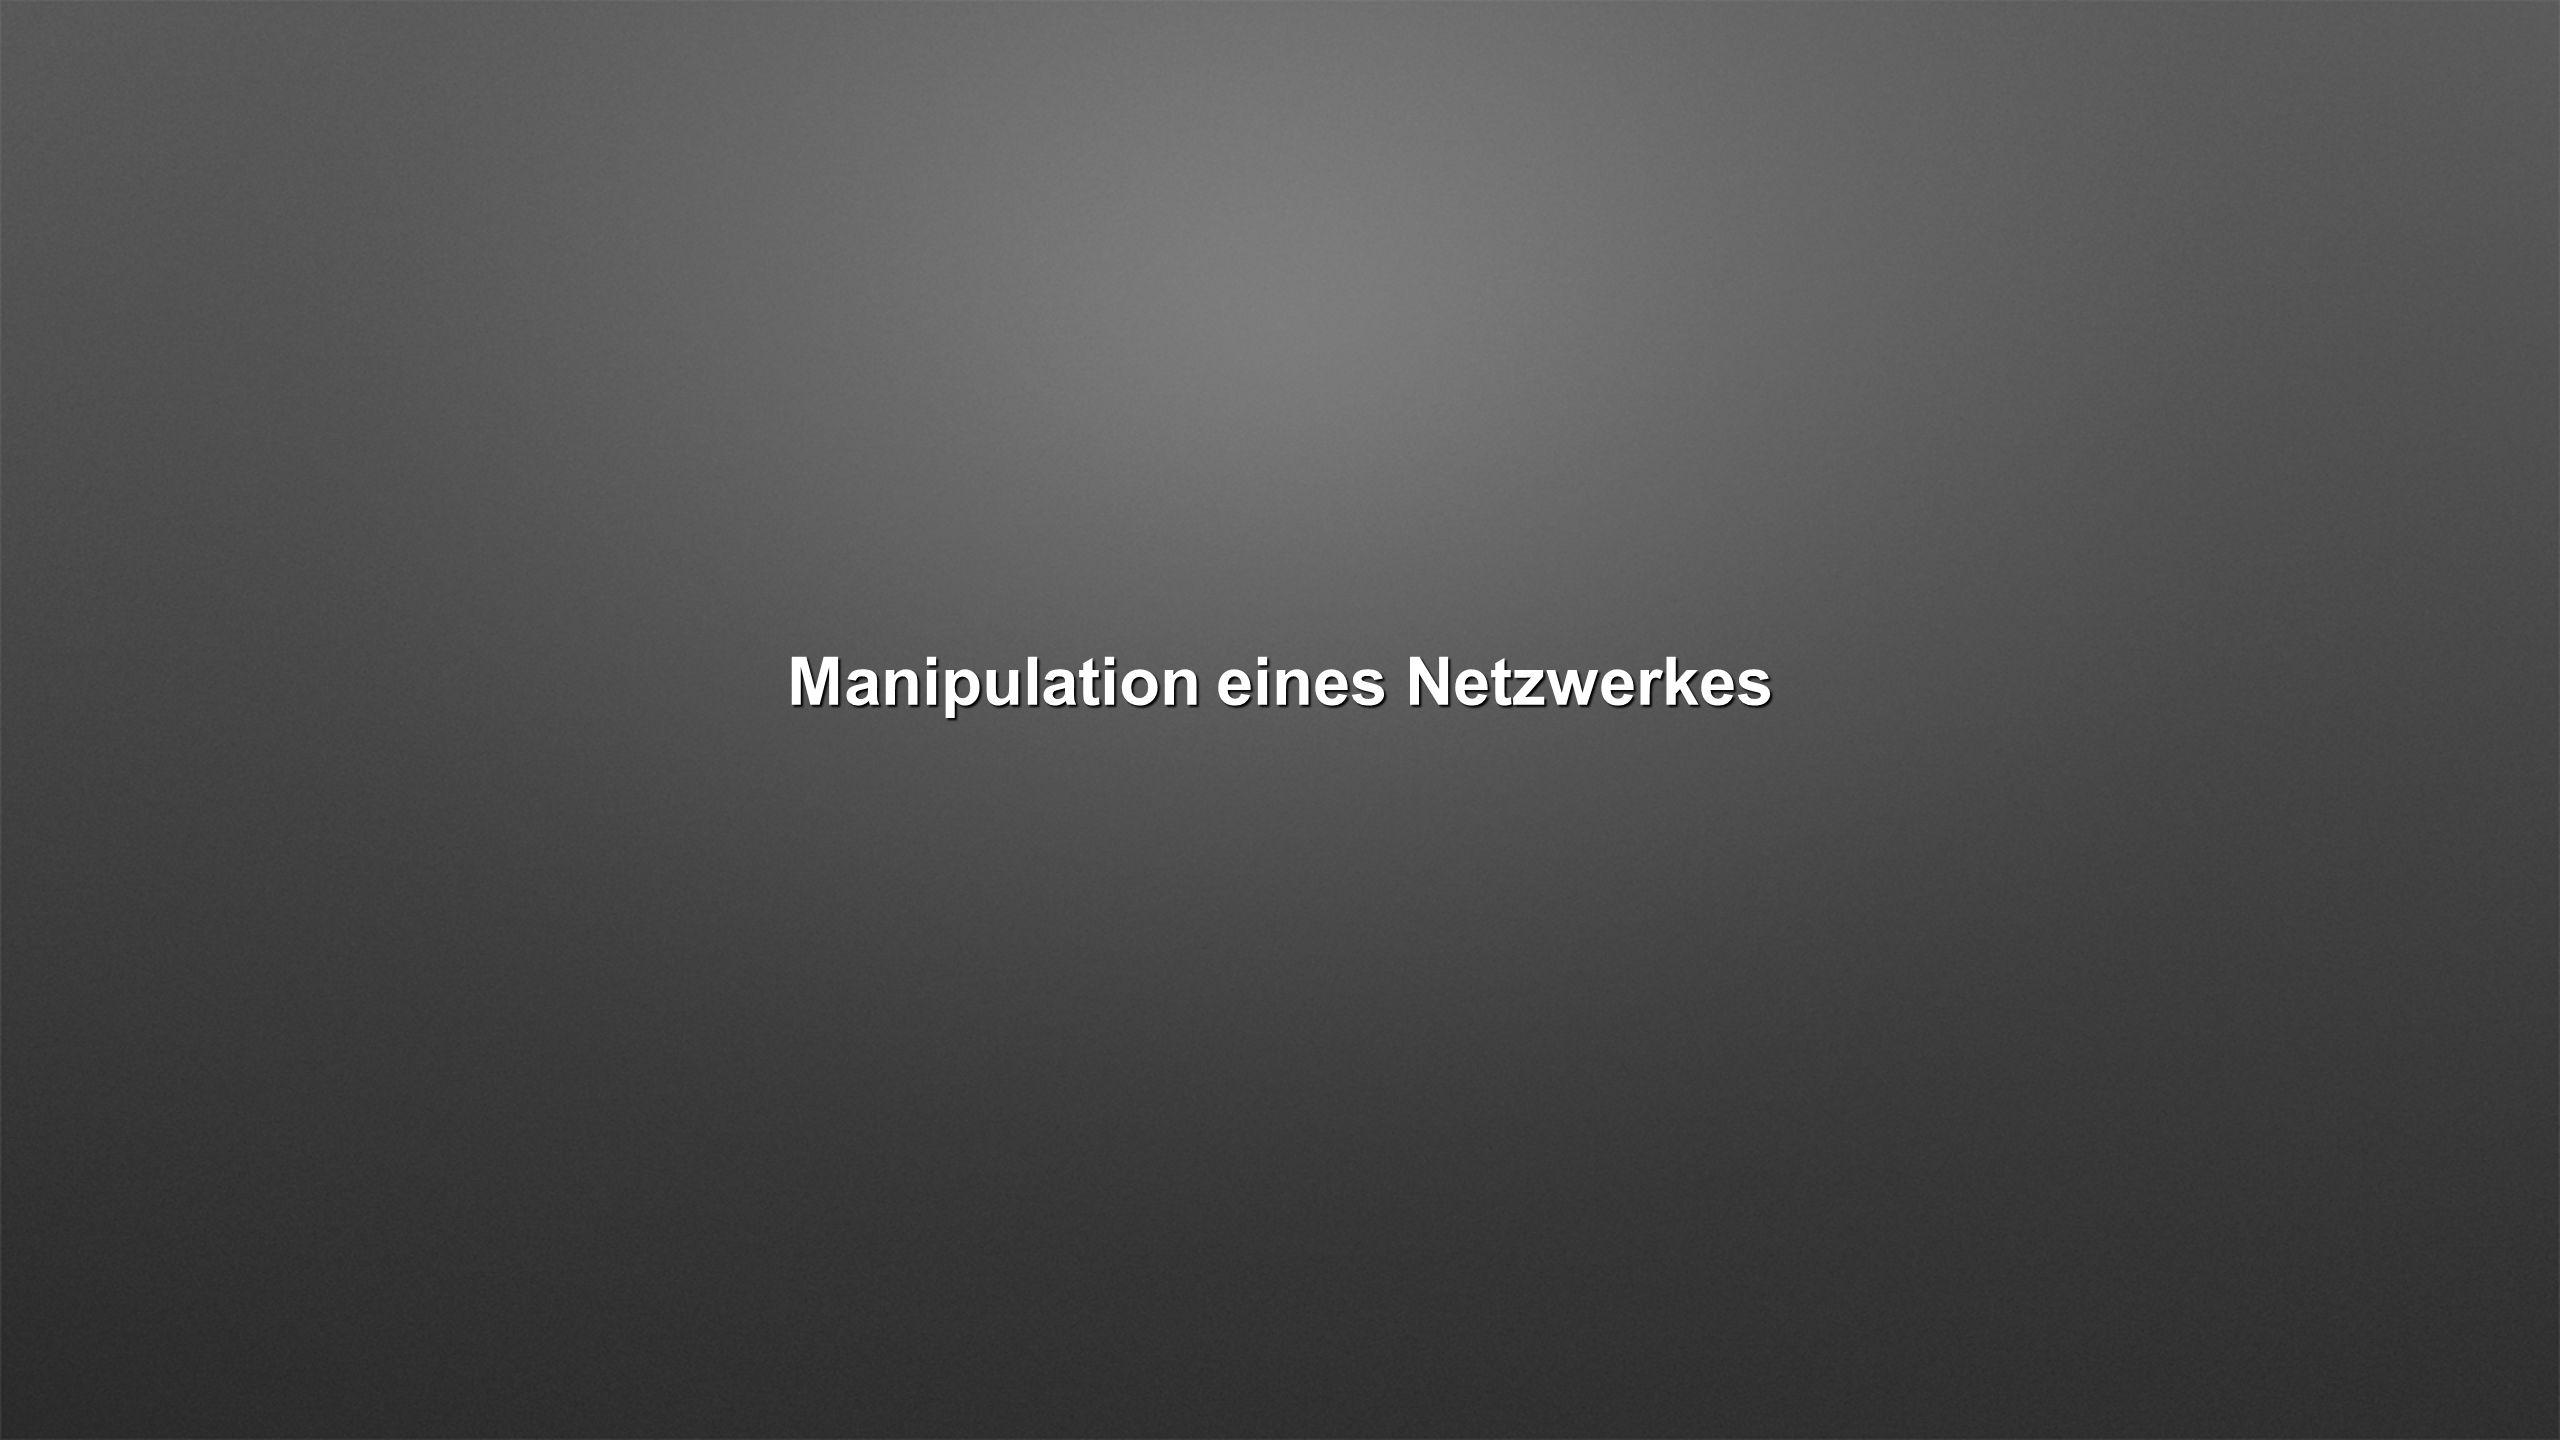 Manipulation eines Netzwerkes